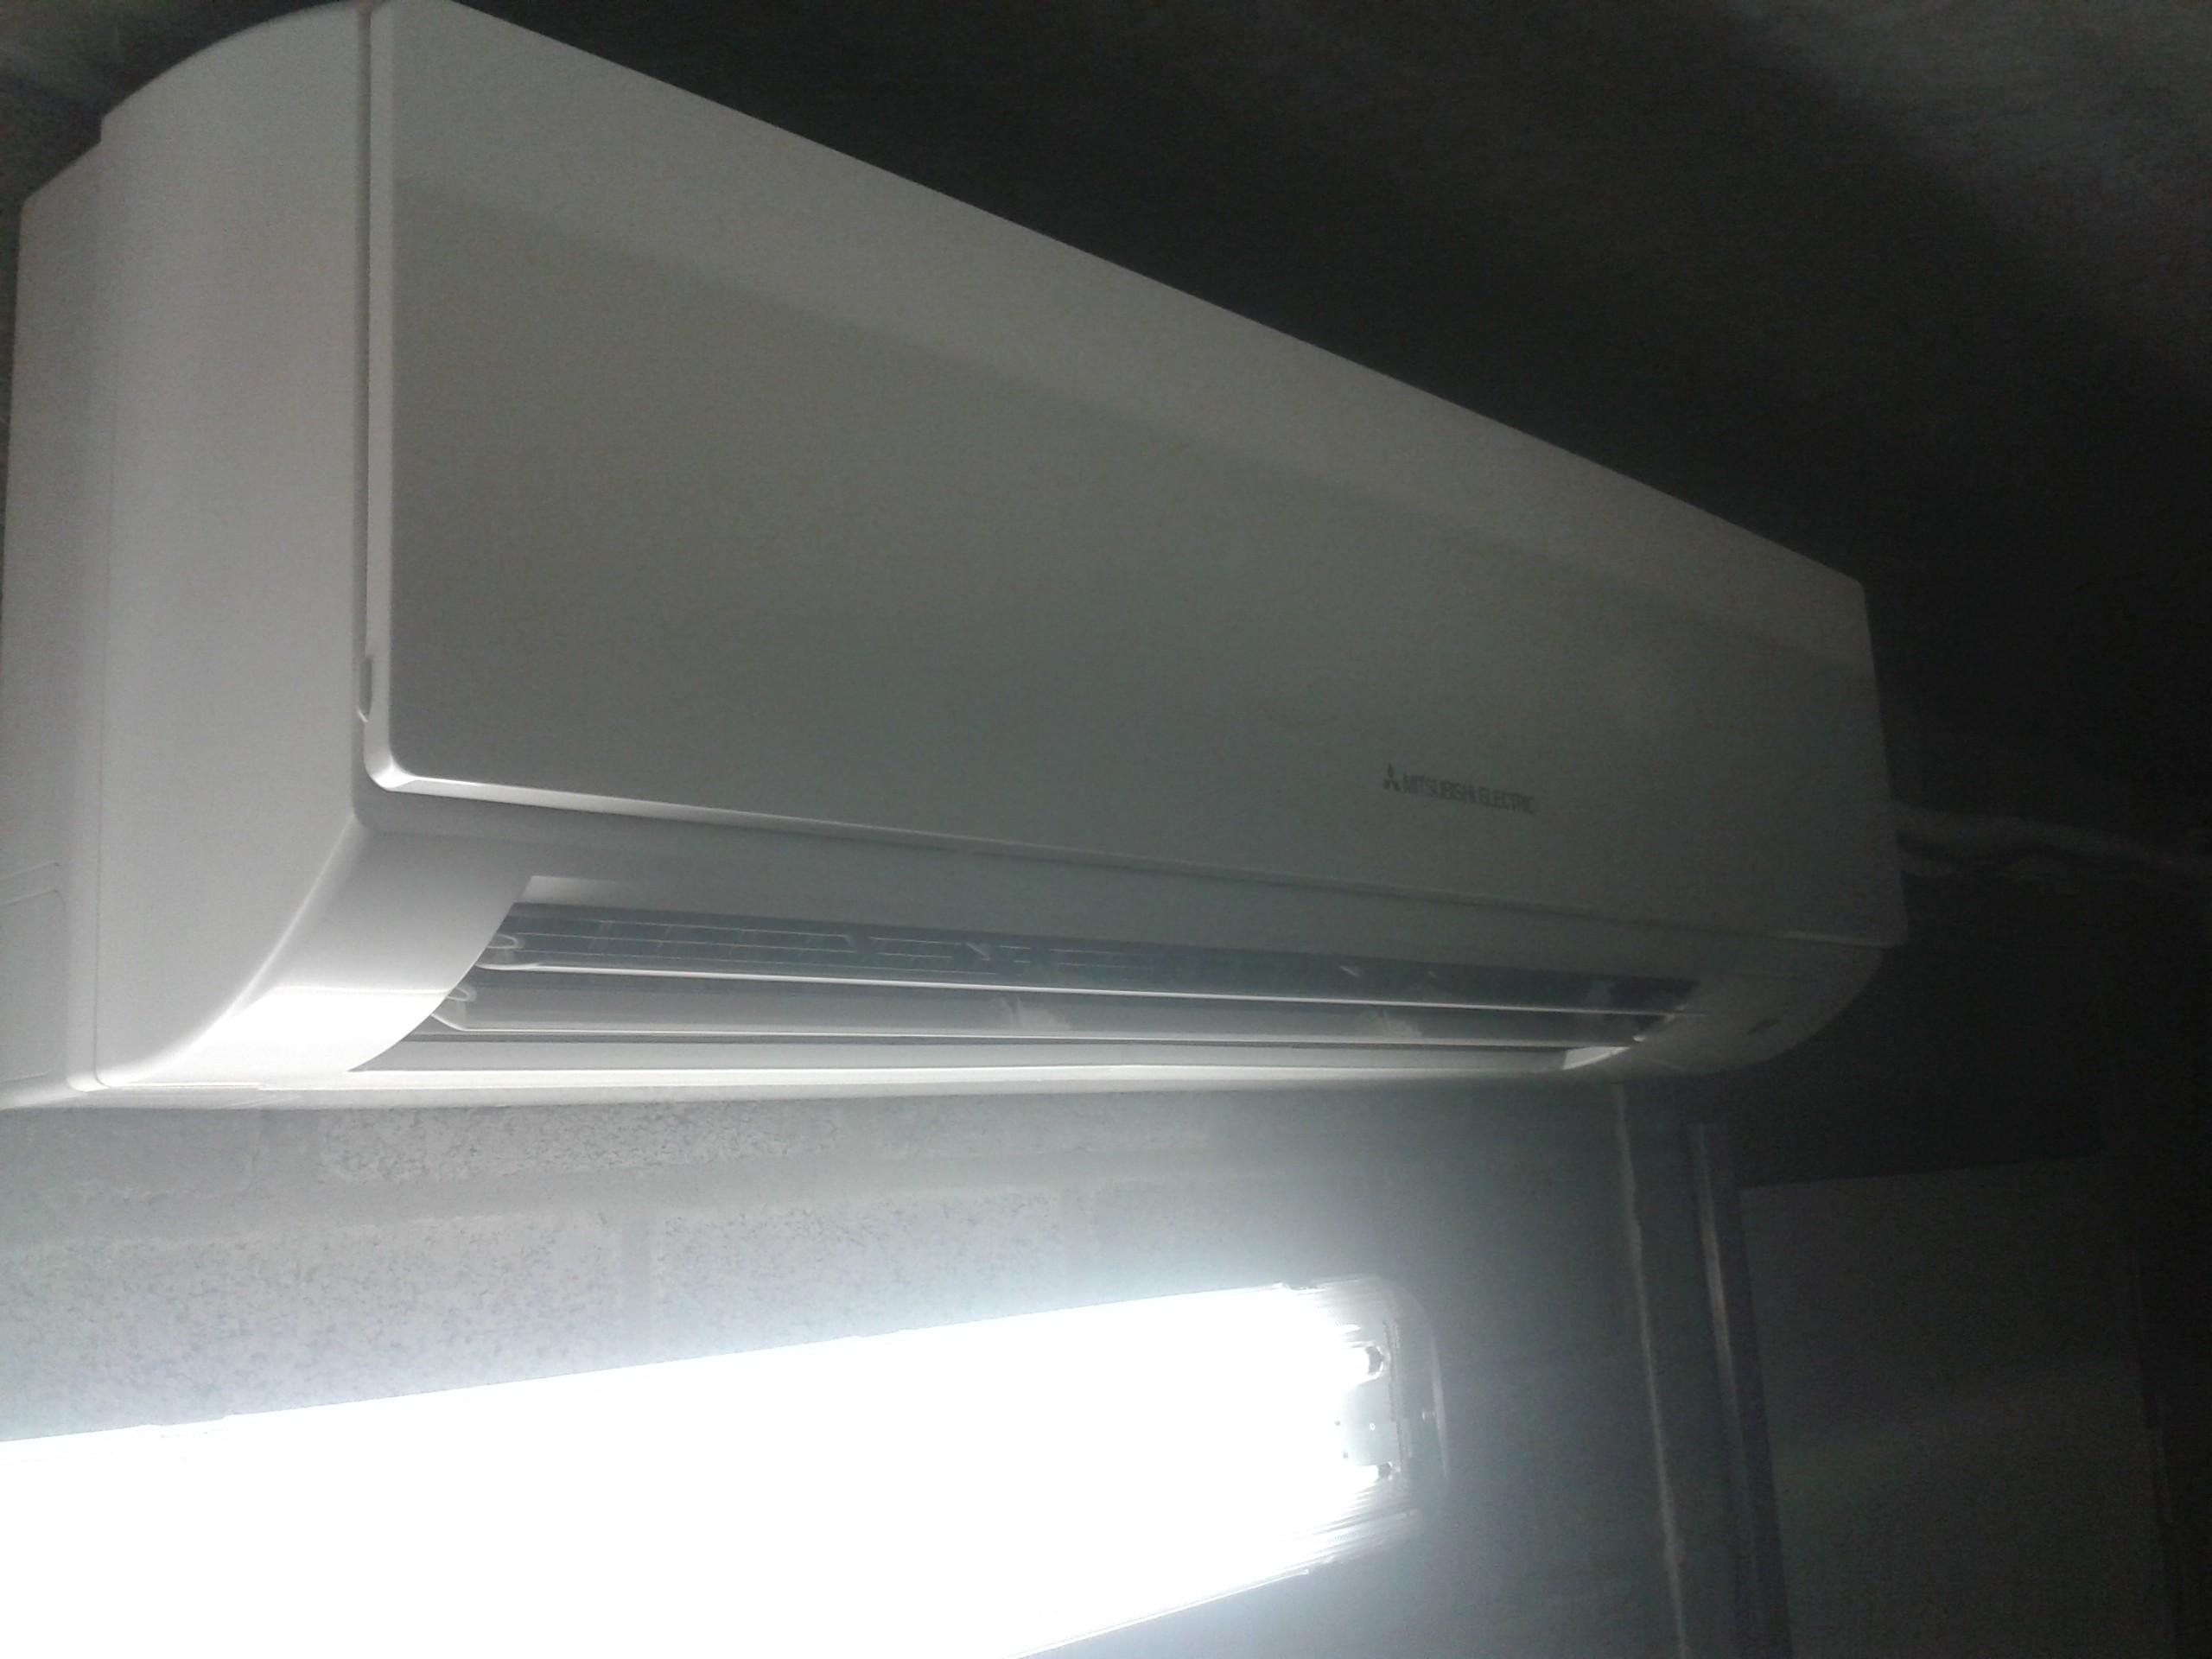 airco installatie serverlokaal gerechtsgebouw Hasselt Limburg (2)